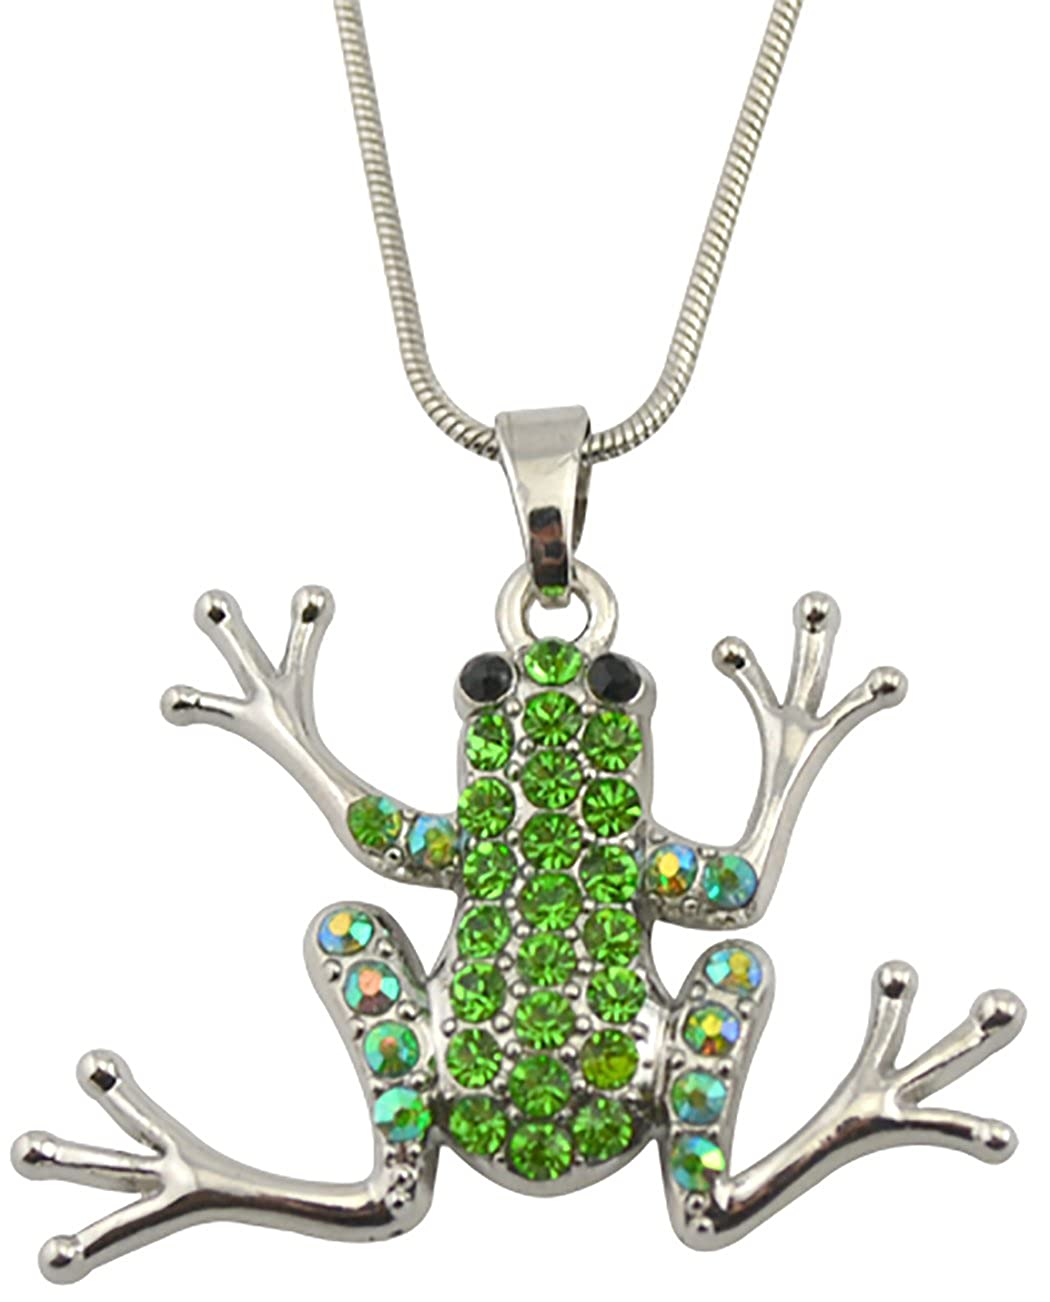 Lemegeton Halskette mit Frosch-Anhänger mit grünem Kristall für Damen/Mädchen / Herren/Jungen BiChuang B075RWTHXH_US